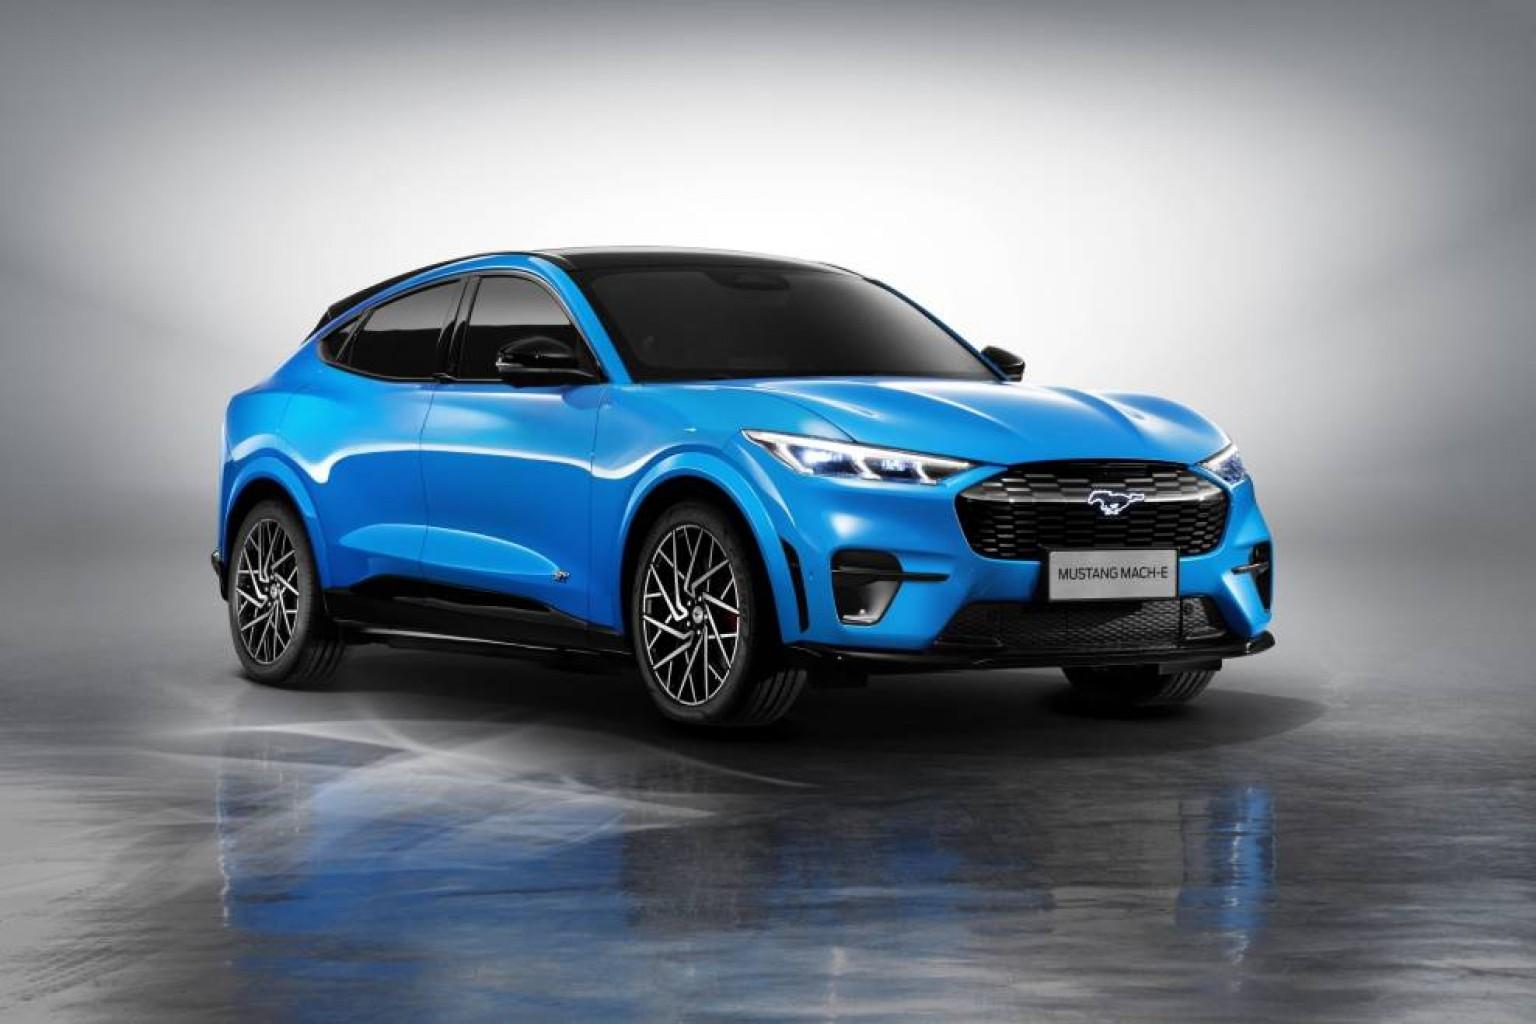 El éxito del Mustang Mach-E tuvo repercusión hasta en China, donde Ford tomó una decision